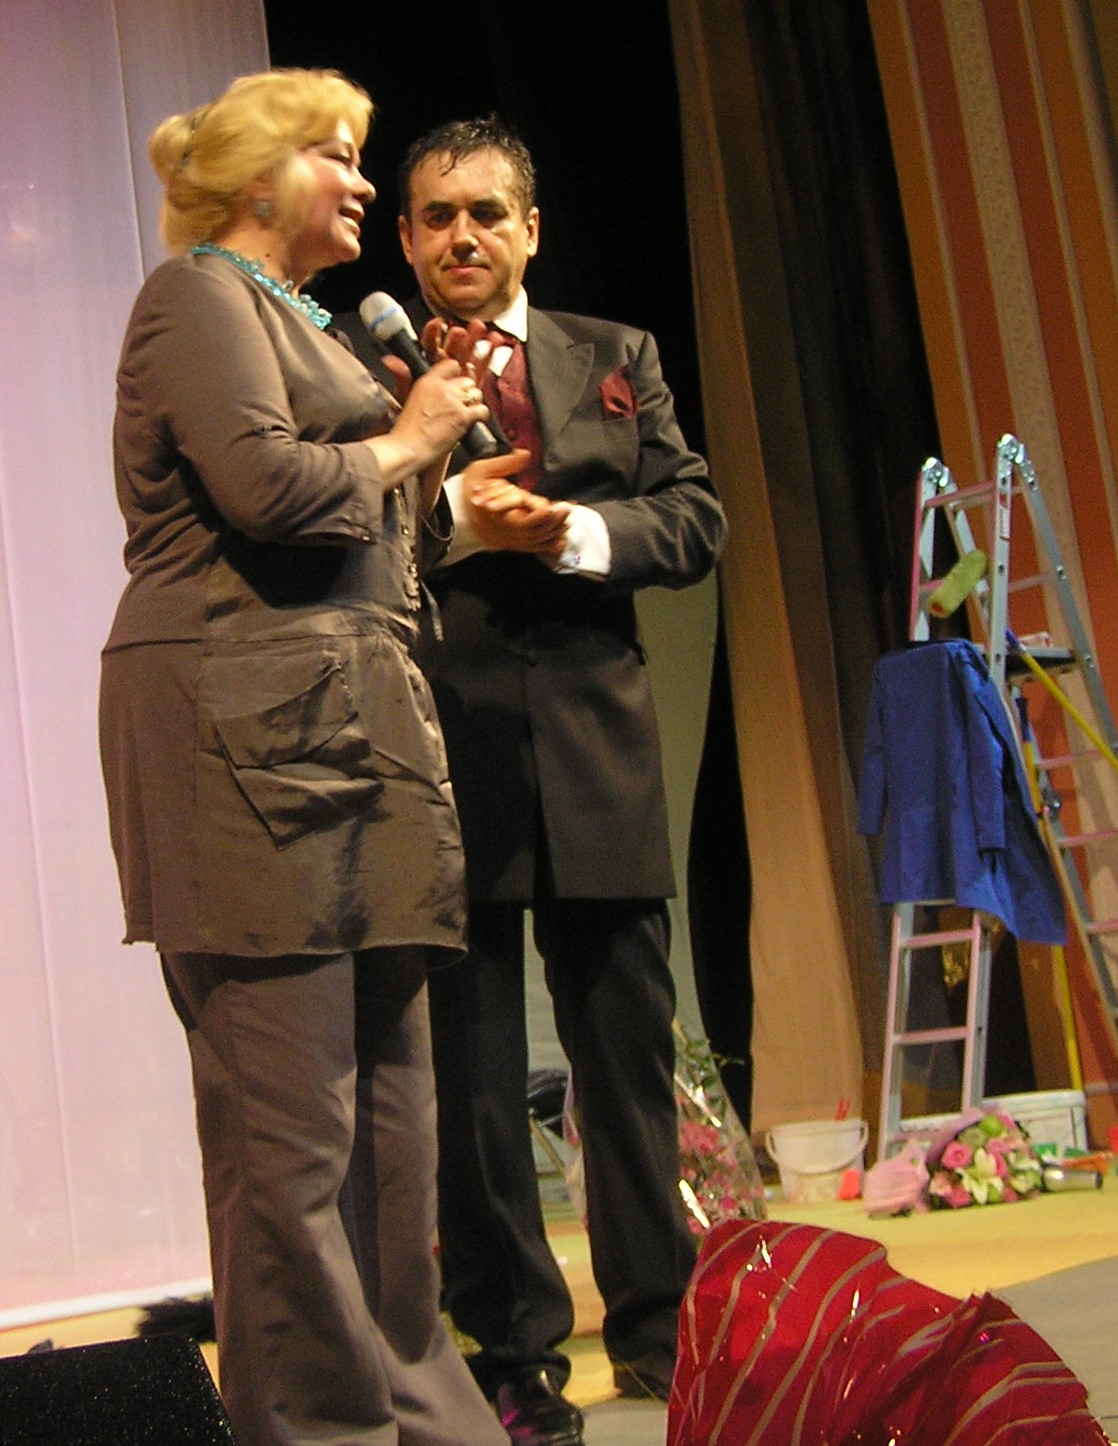 http://ic.pics.livejournal.com/evdona/18928800/4552/4552_original.jpg